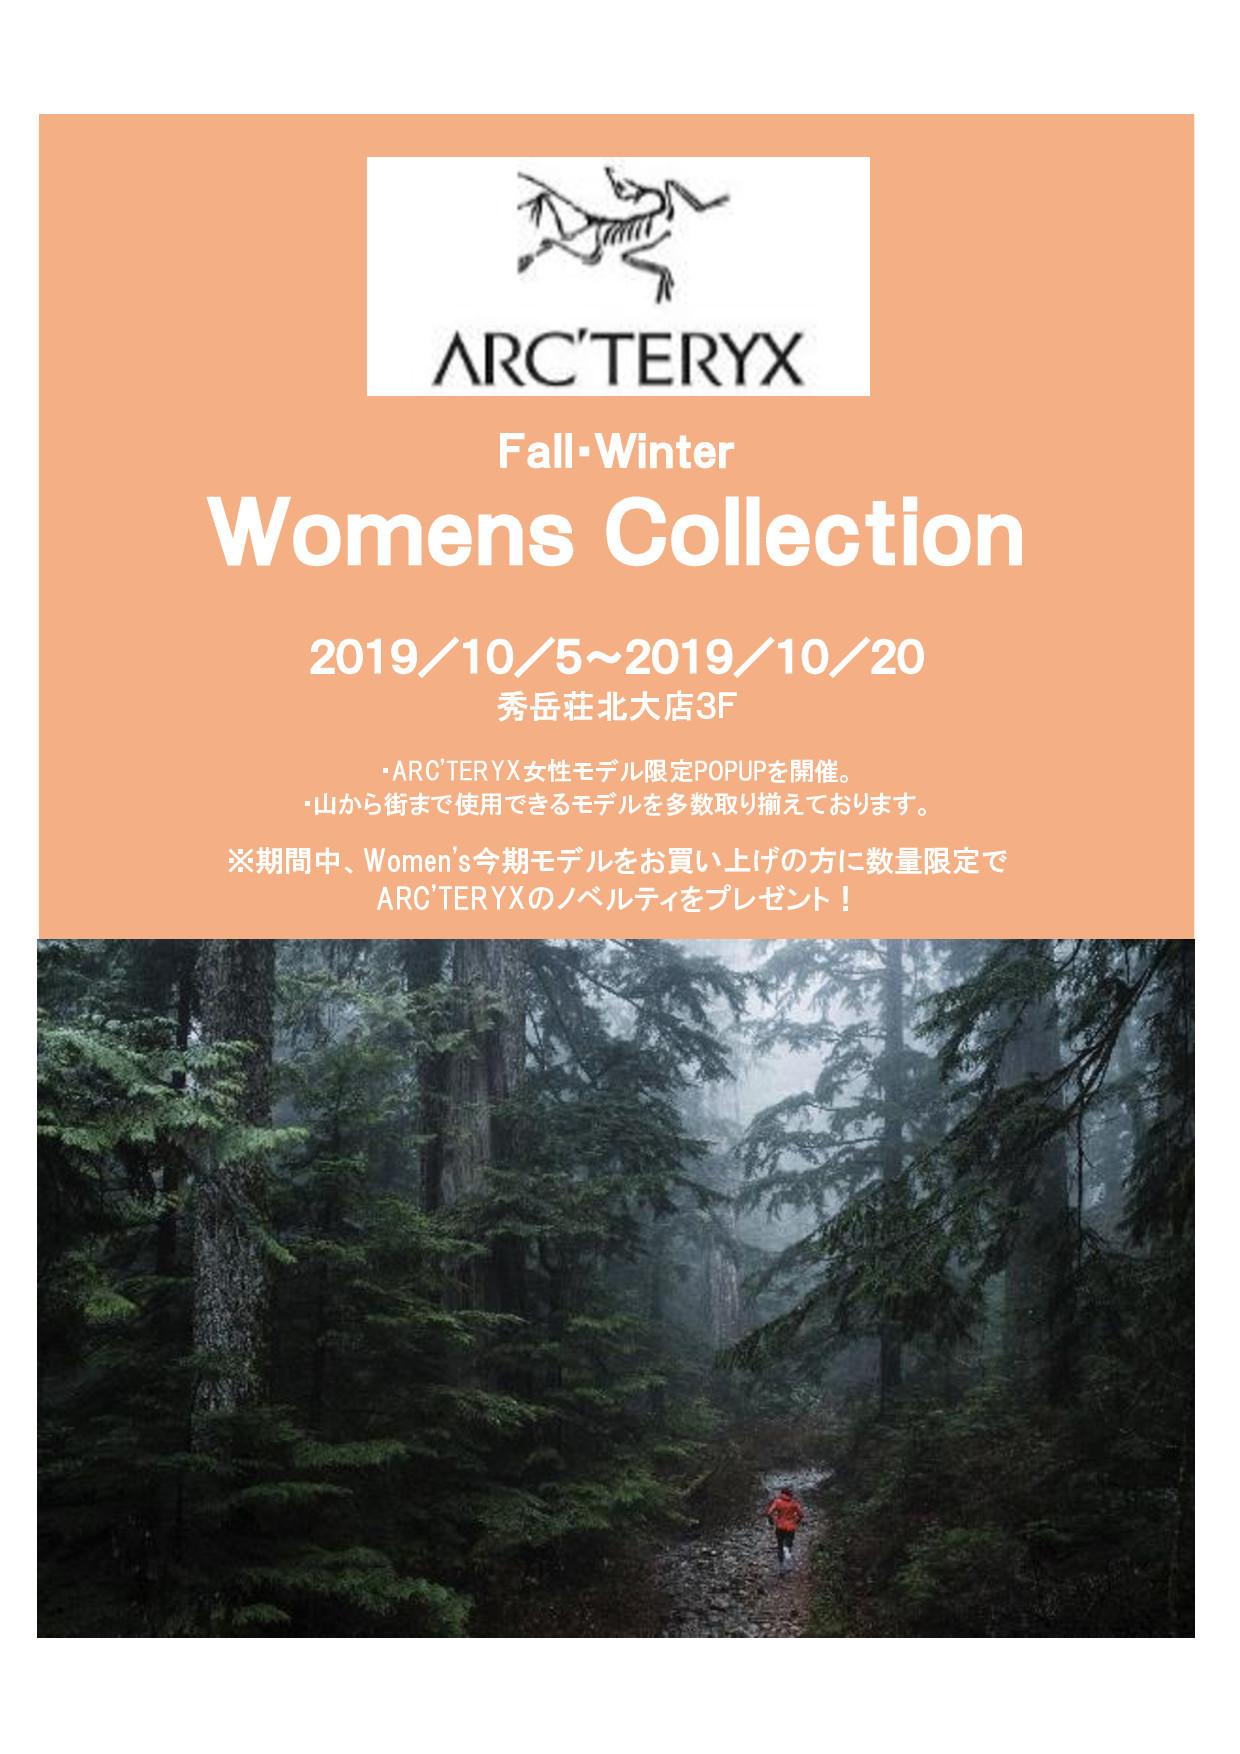 ARC'TERYX Fall-Winter WOMENS Collection 2019_d0198793_13580598.jpg